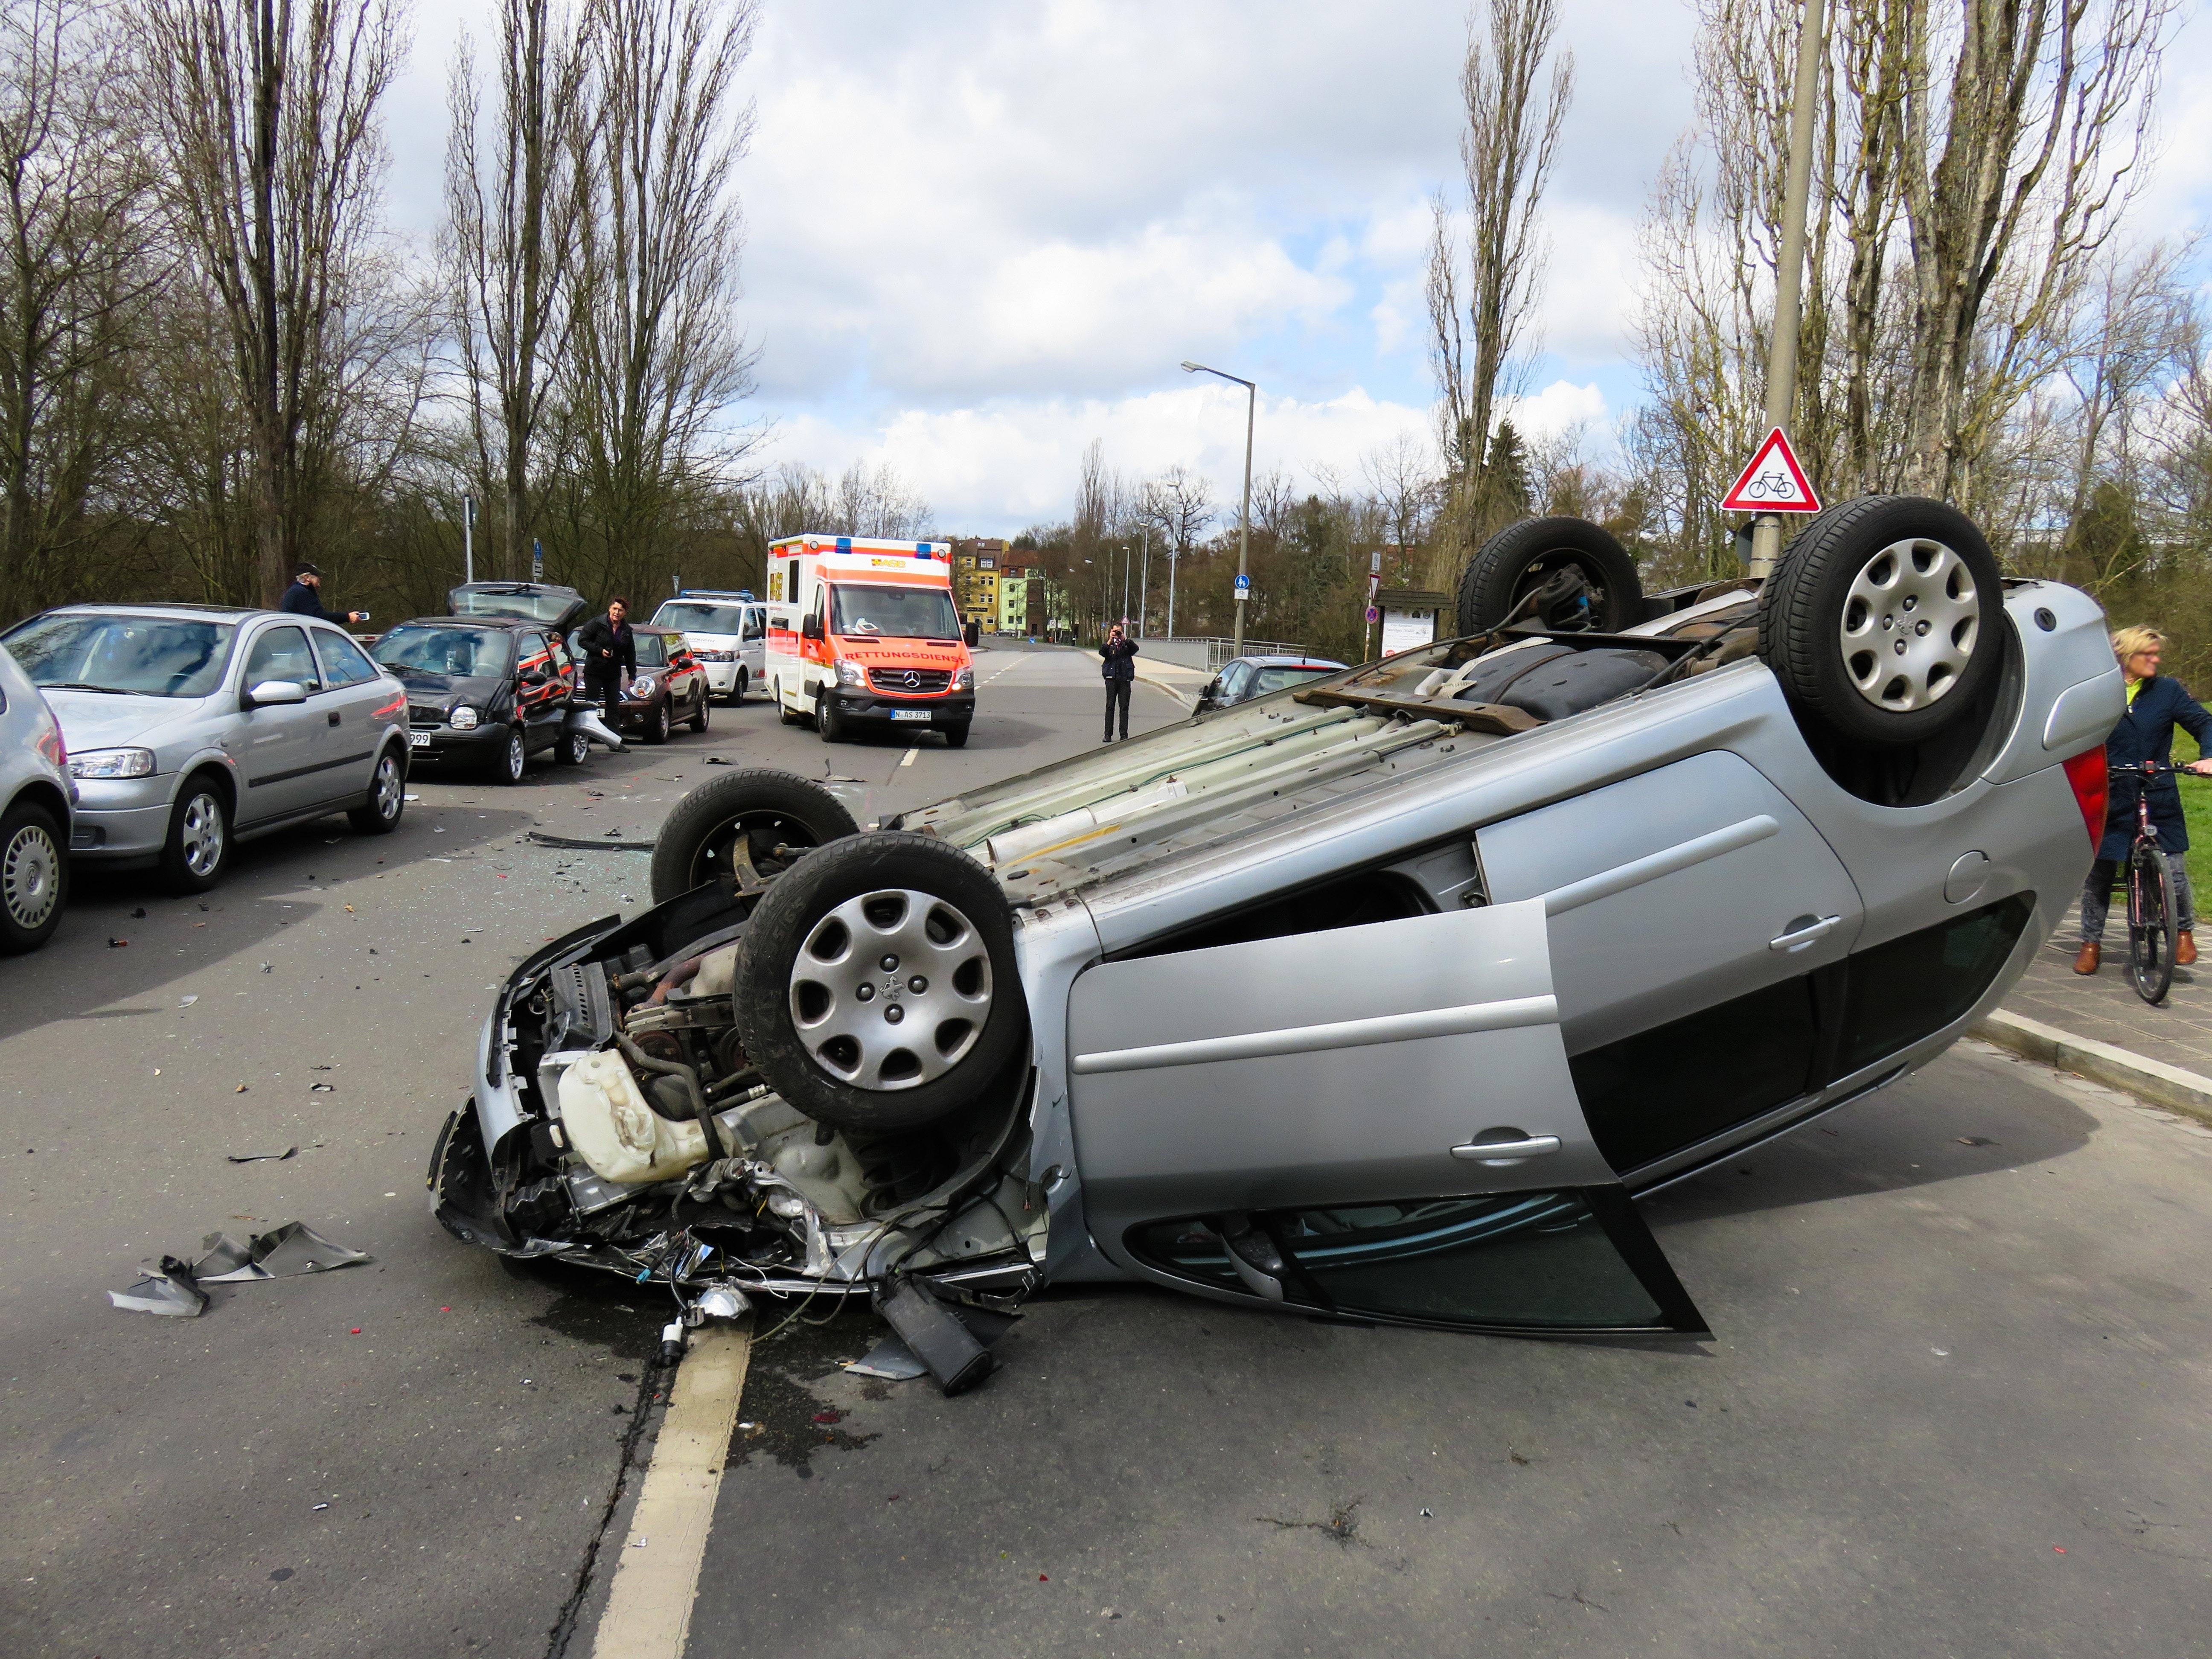 Kostenloses Foto zum Thema: auto, autounfall, beschädigung